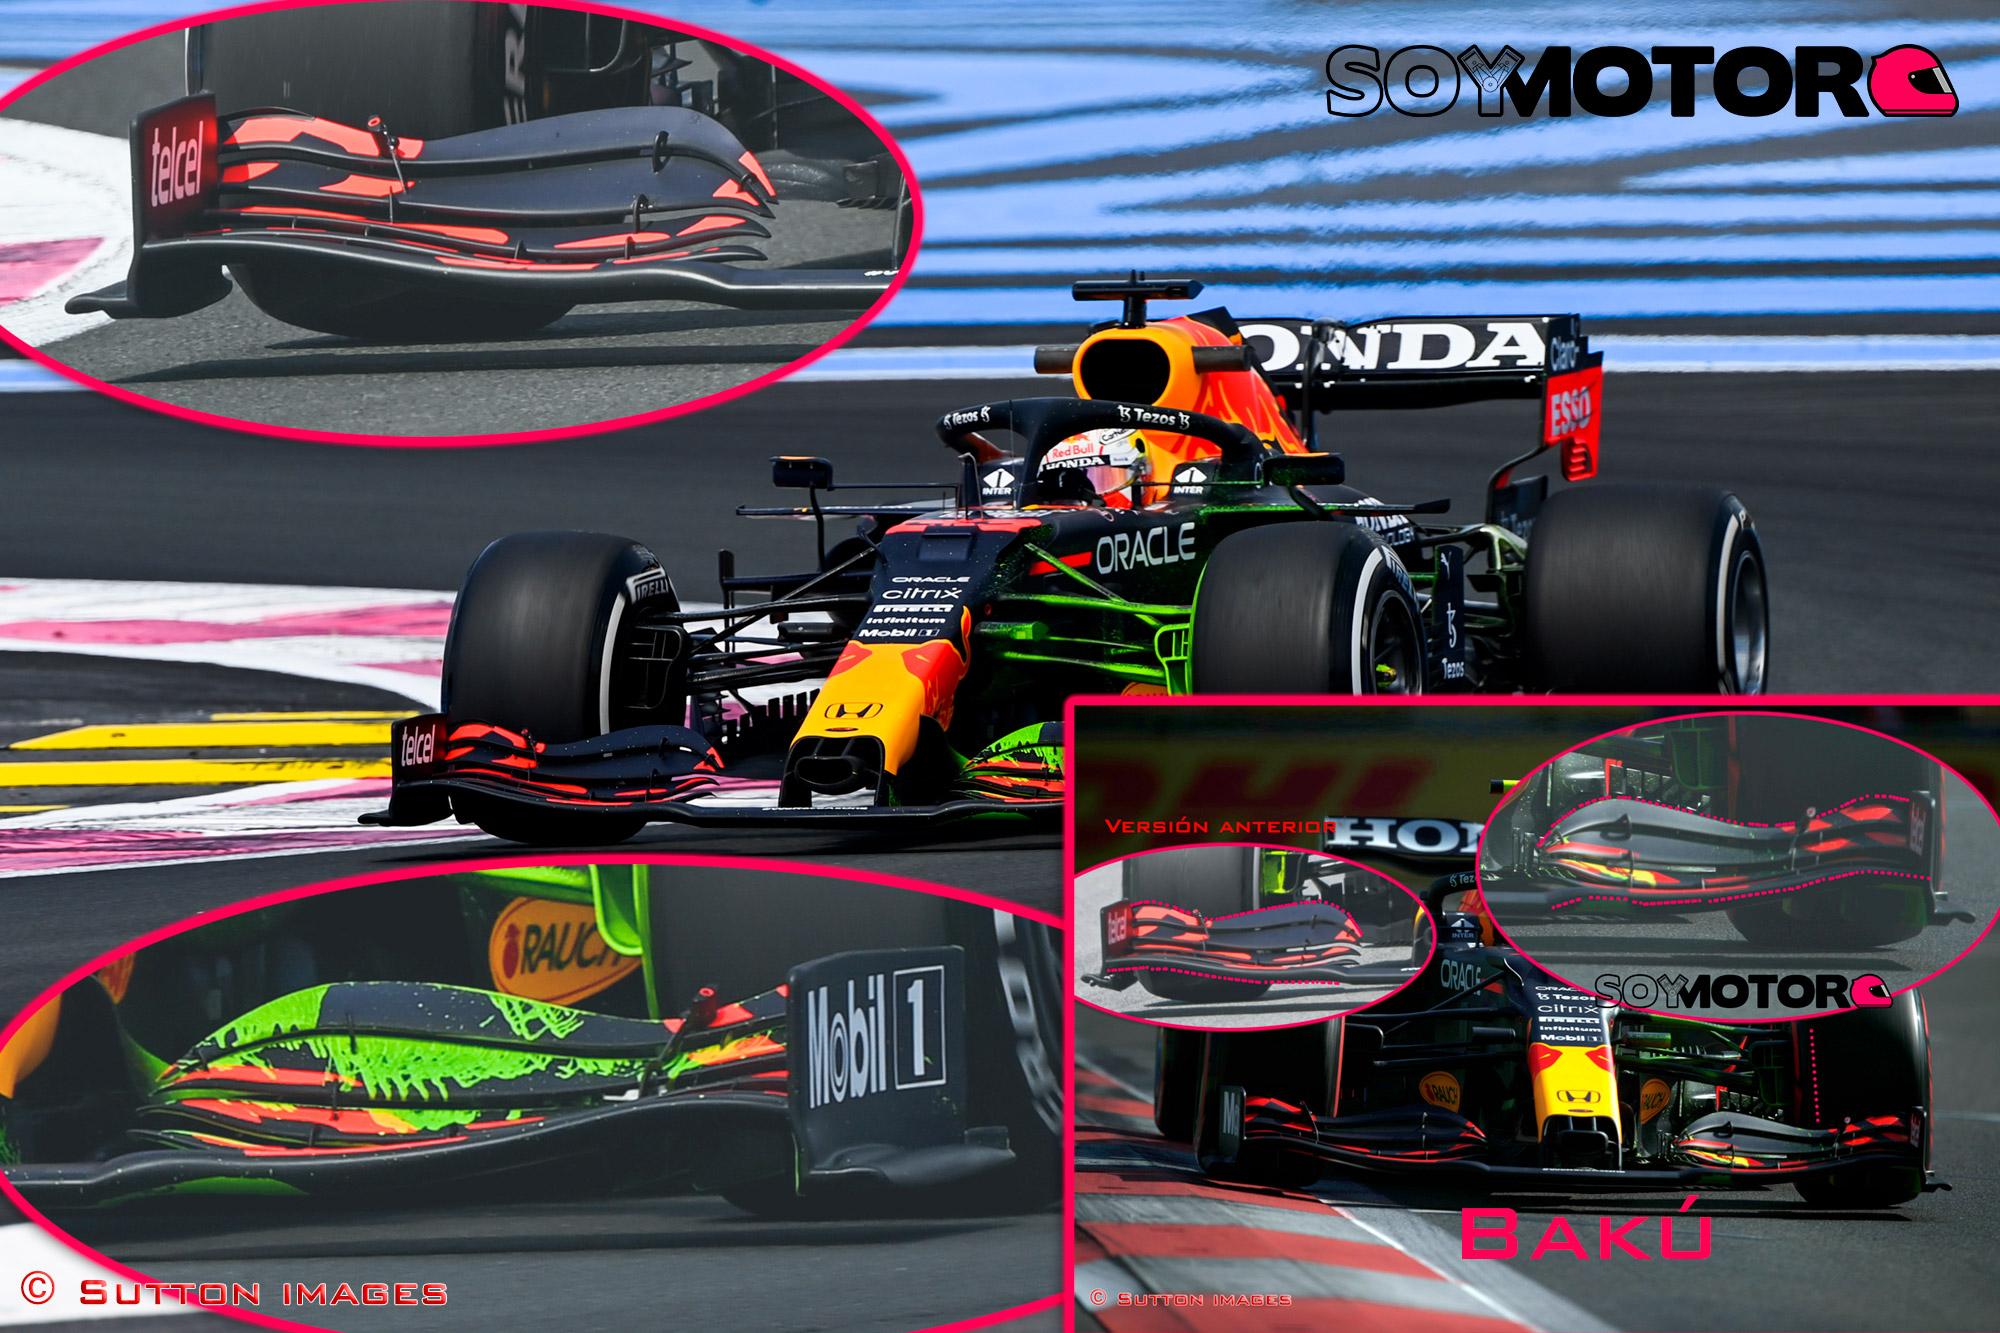 red-bull-ala-delantera-en-dos-versiones-soymotor.jpg